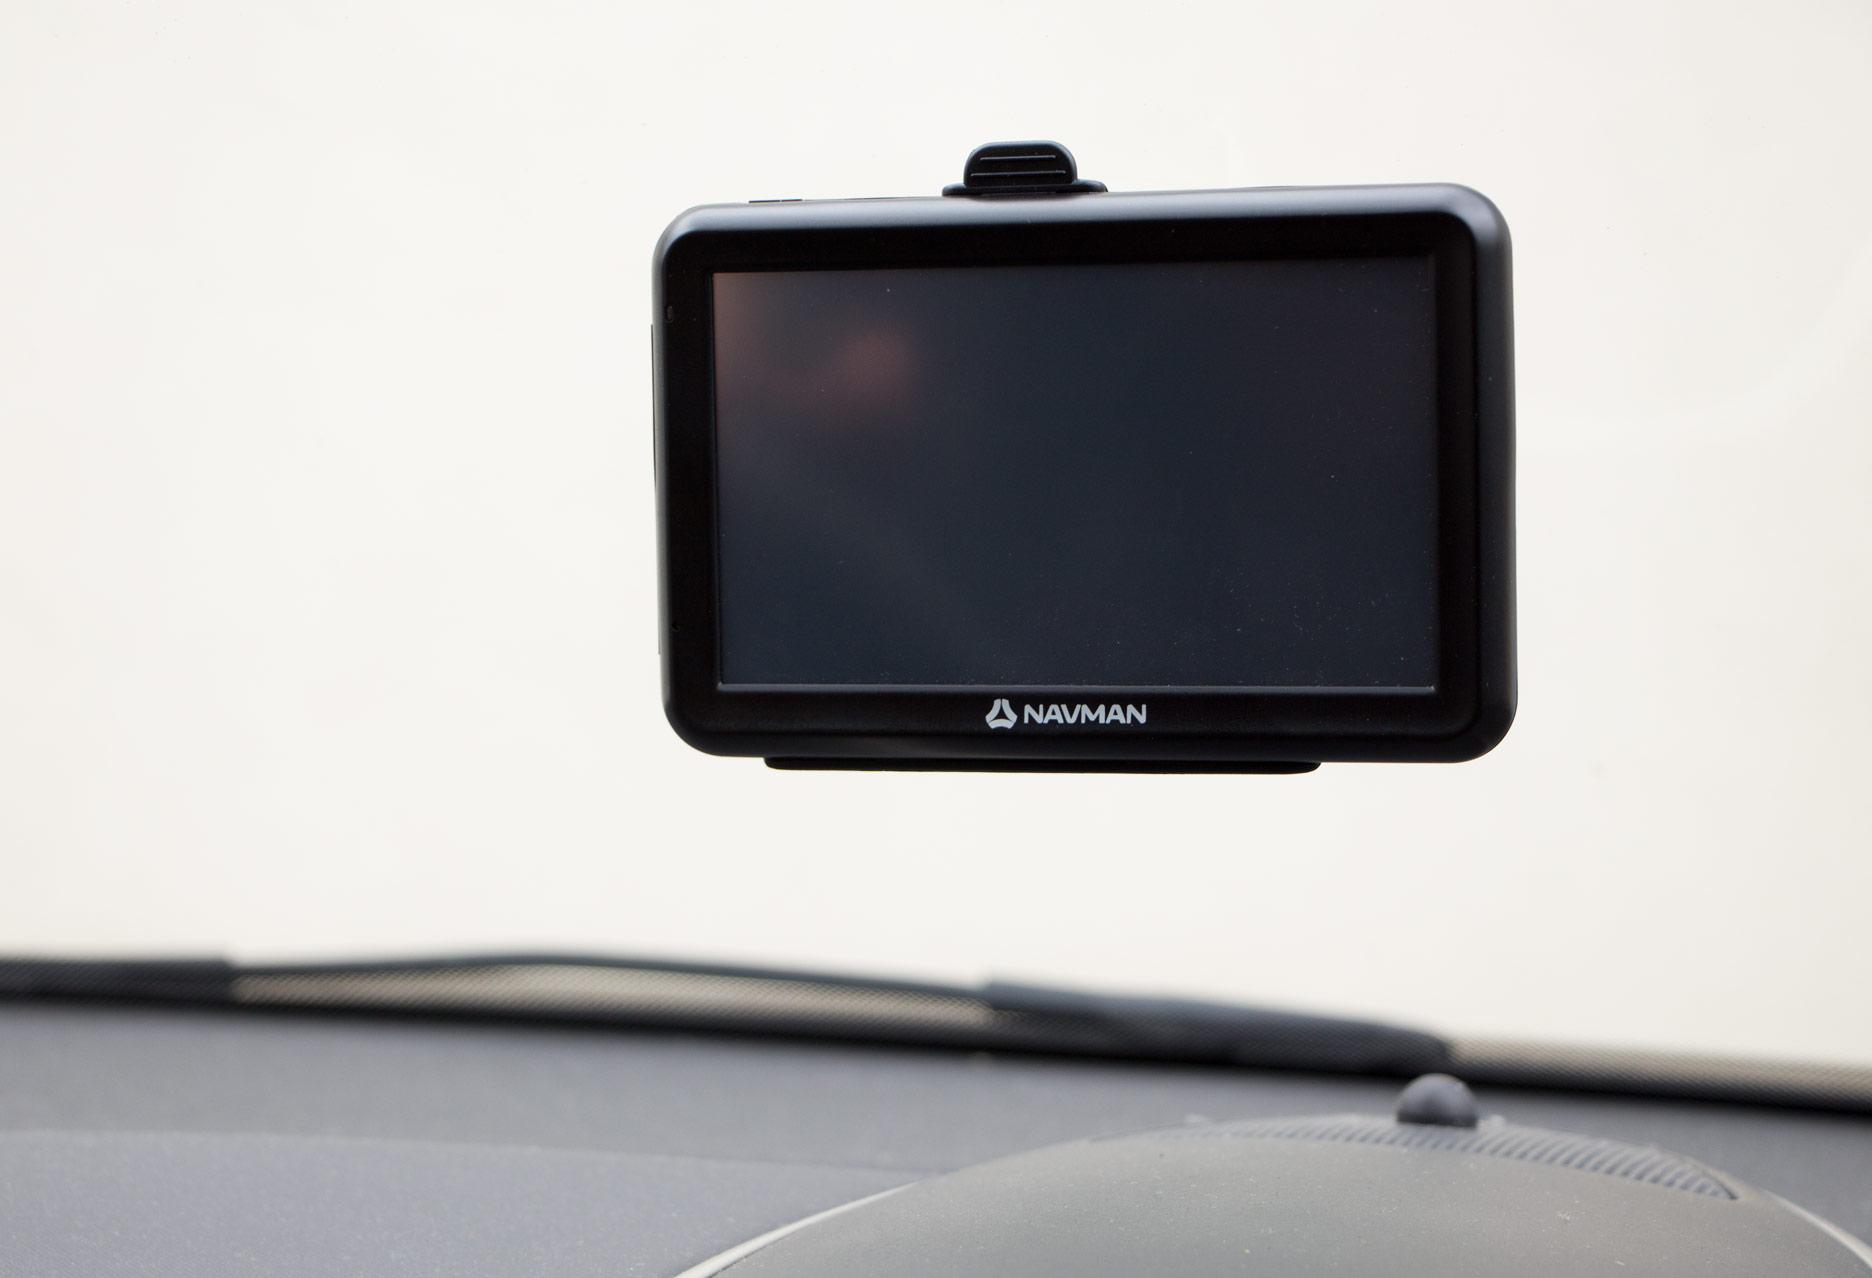 NAVMAN 5000 LM - front